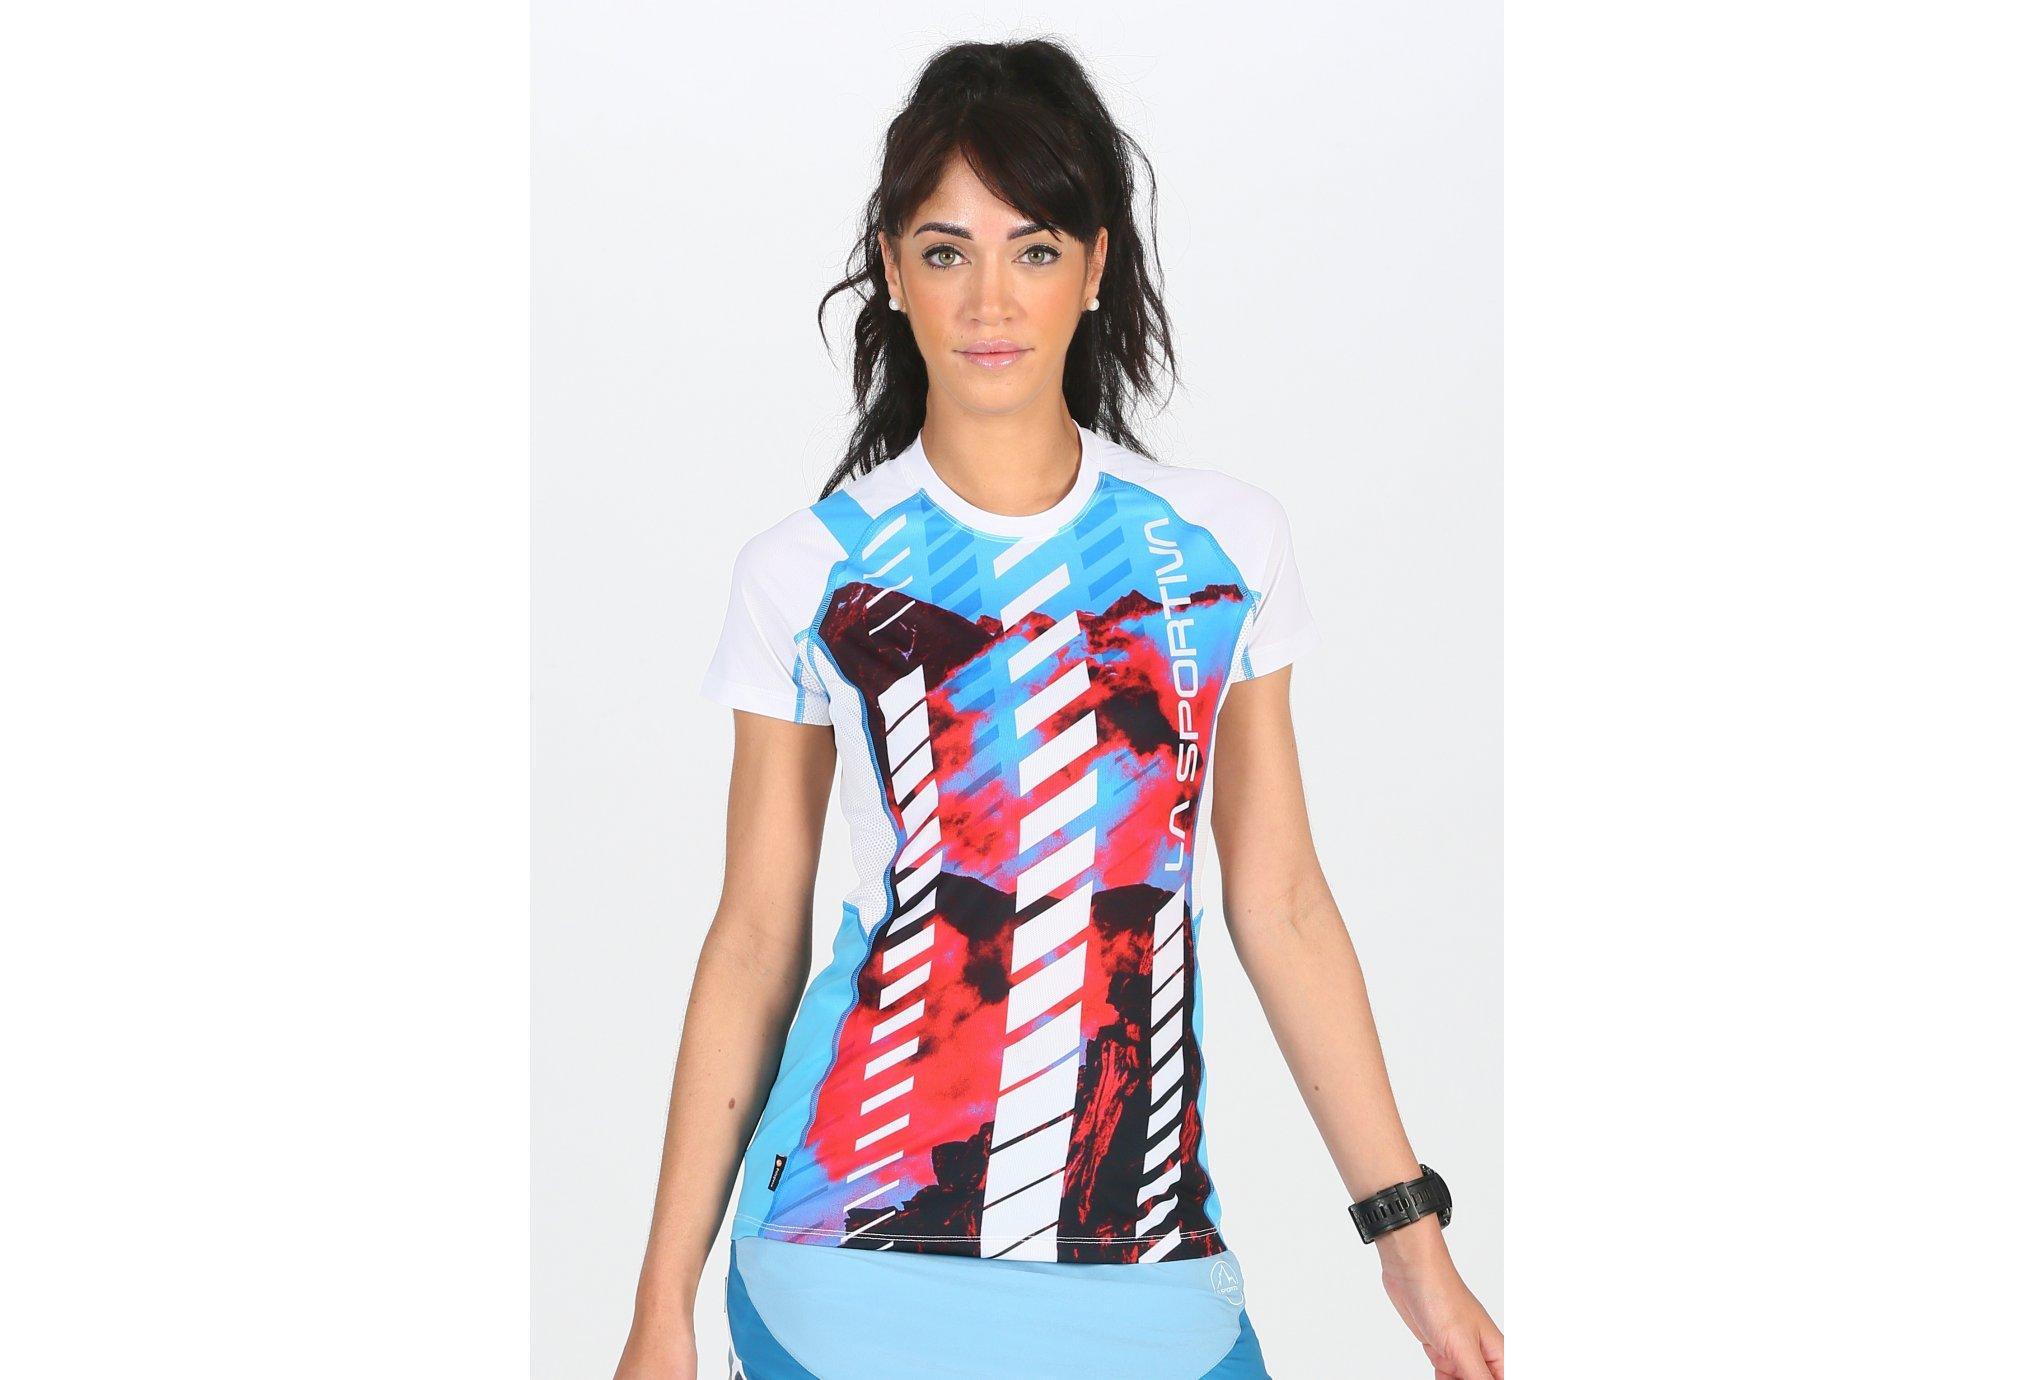 La Sportiva Draft W vêtement running femme